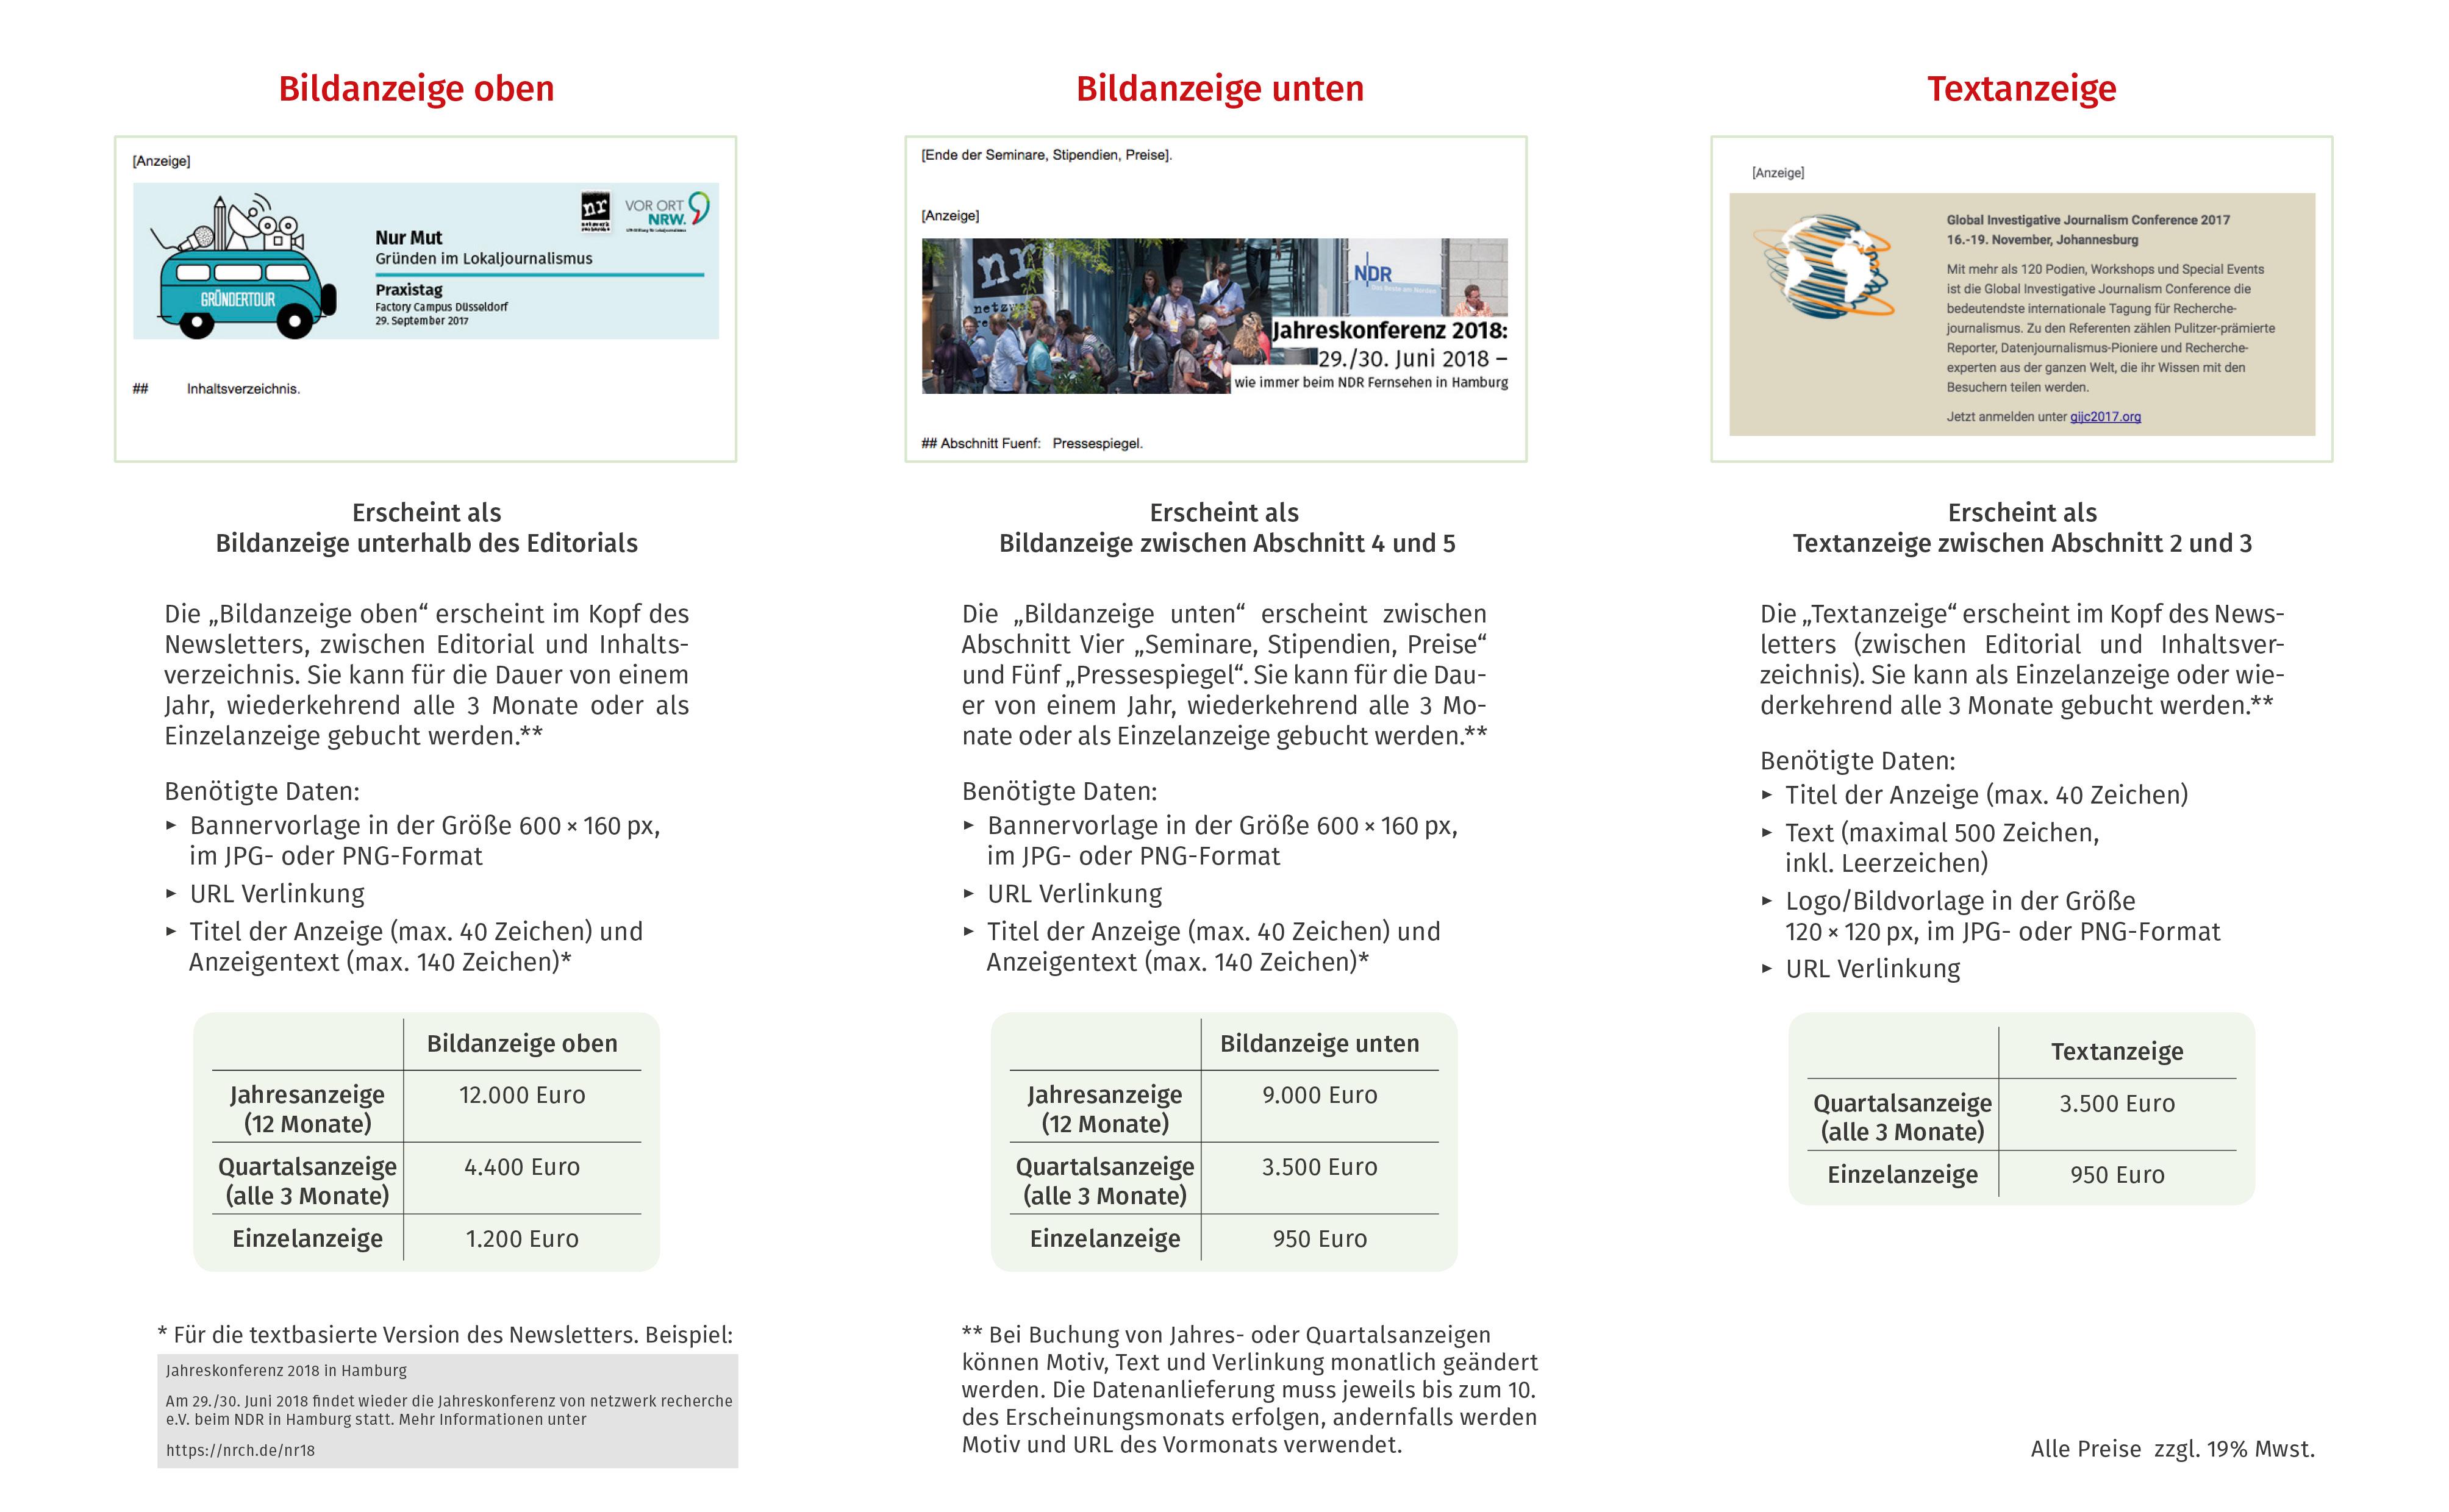 newsletter-mediadaten-neu für Website 18.10.17